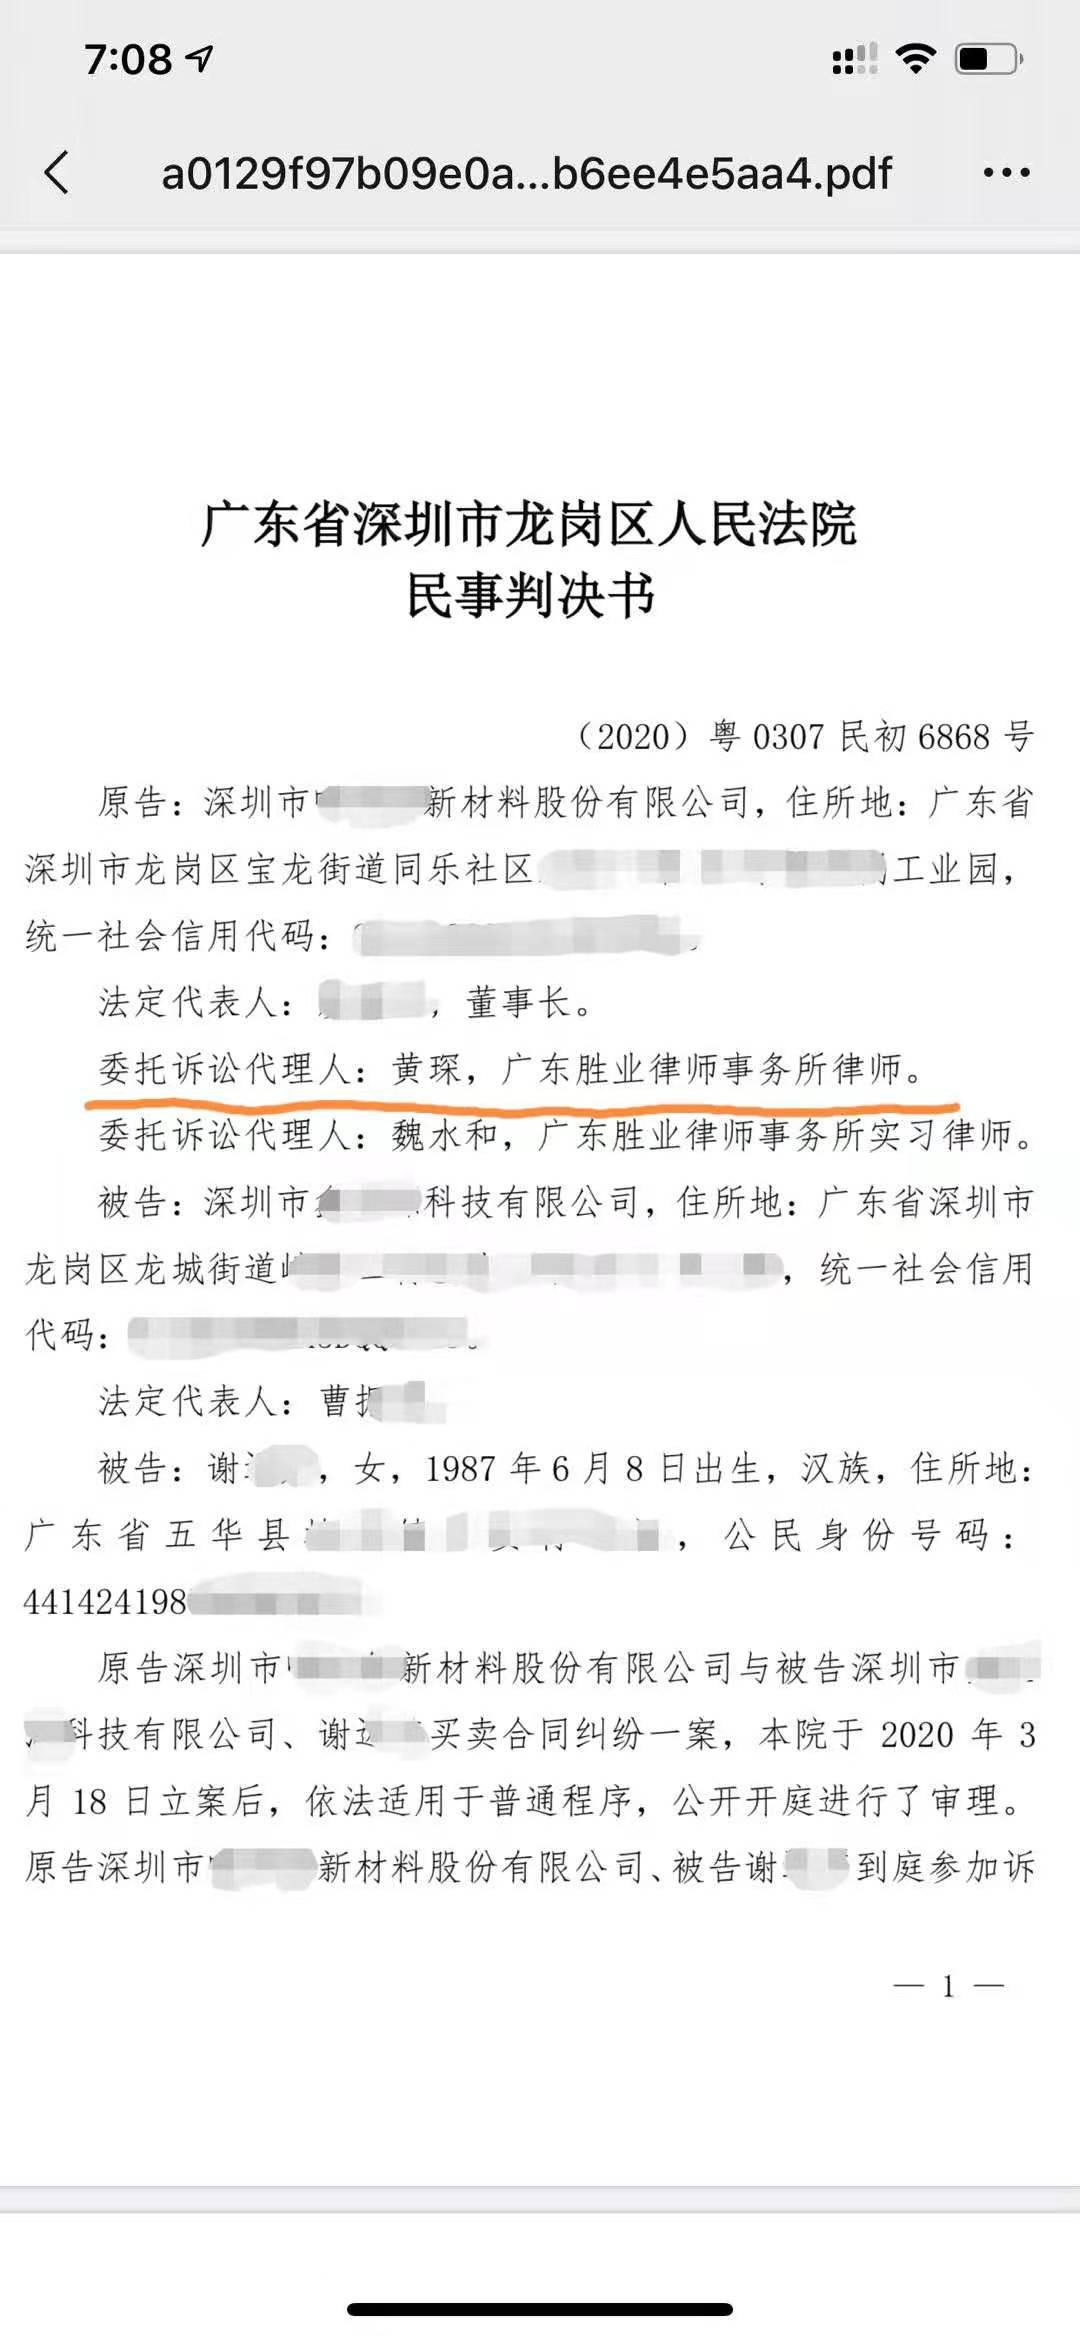 2020-12 連帶責任 原告判決書1.jpg